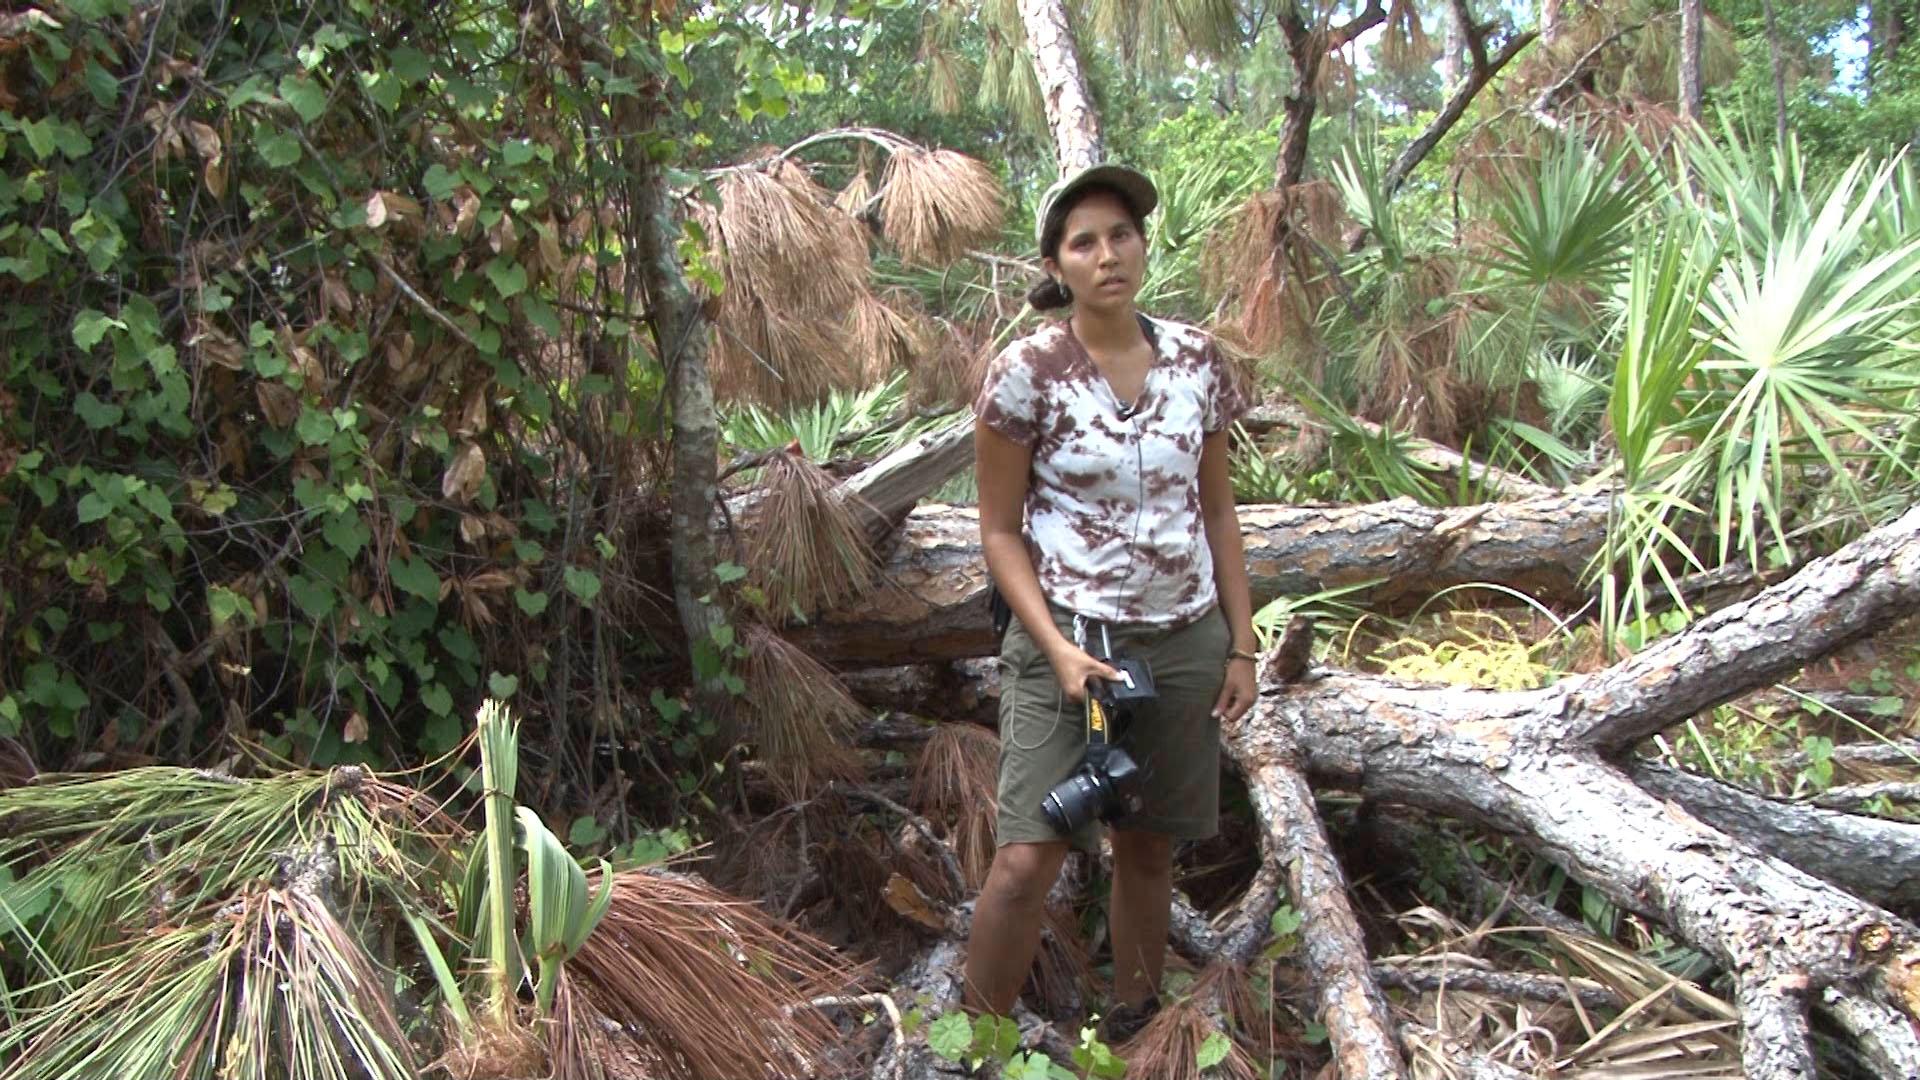 Ruddy at cut down tree.jpg